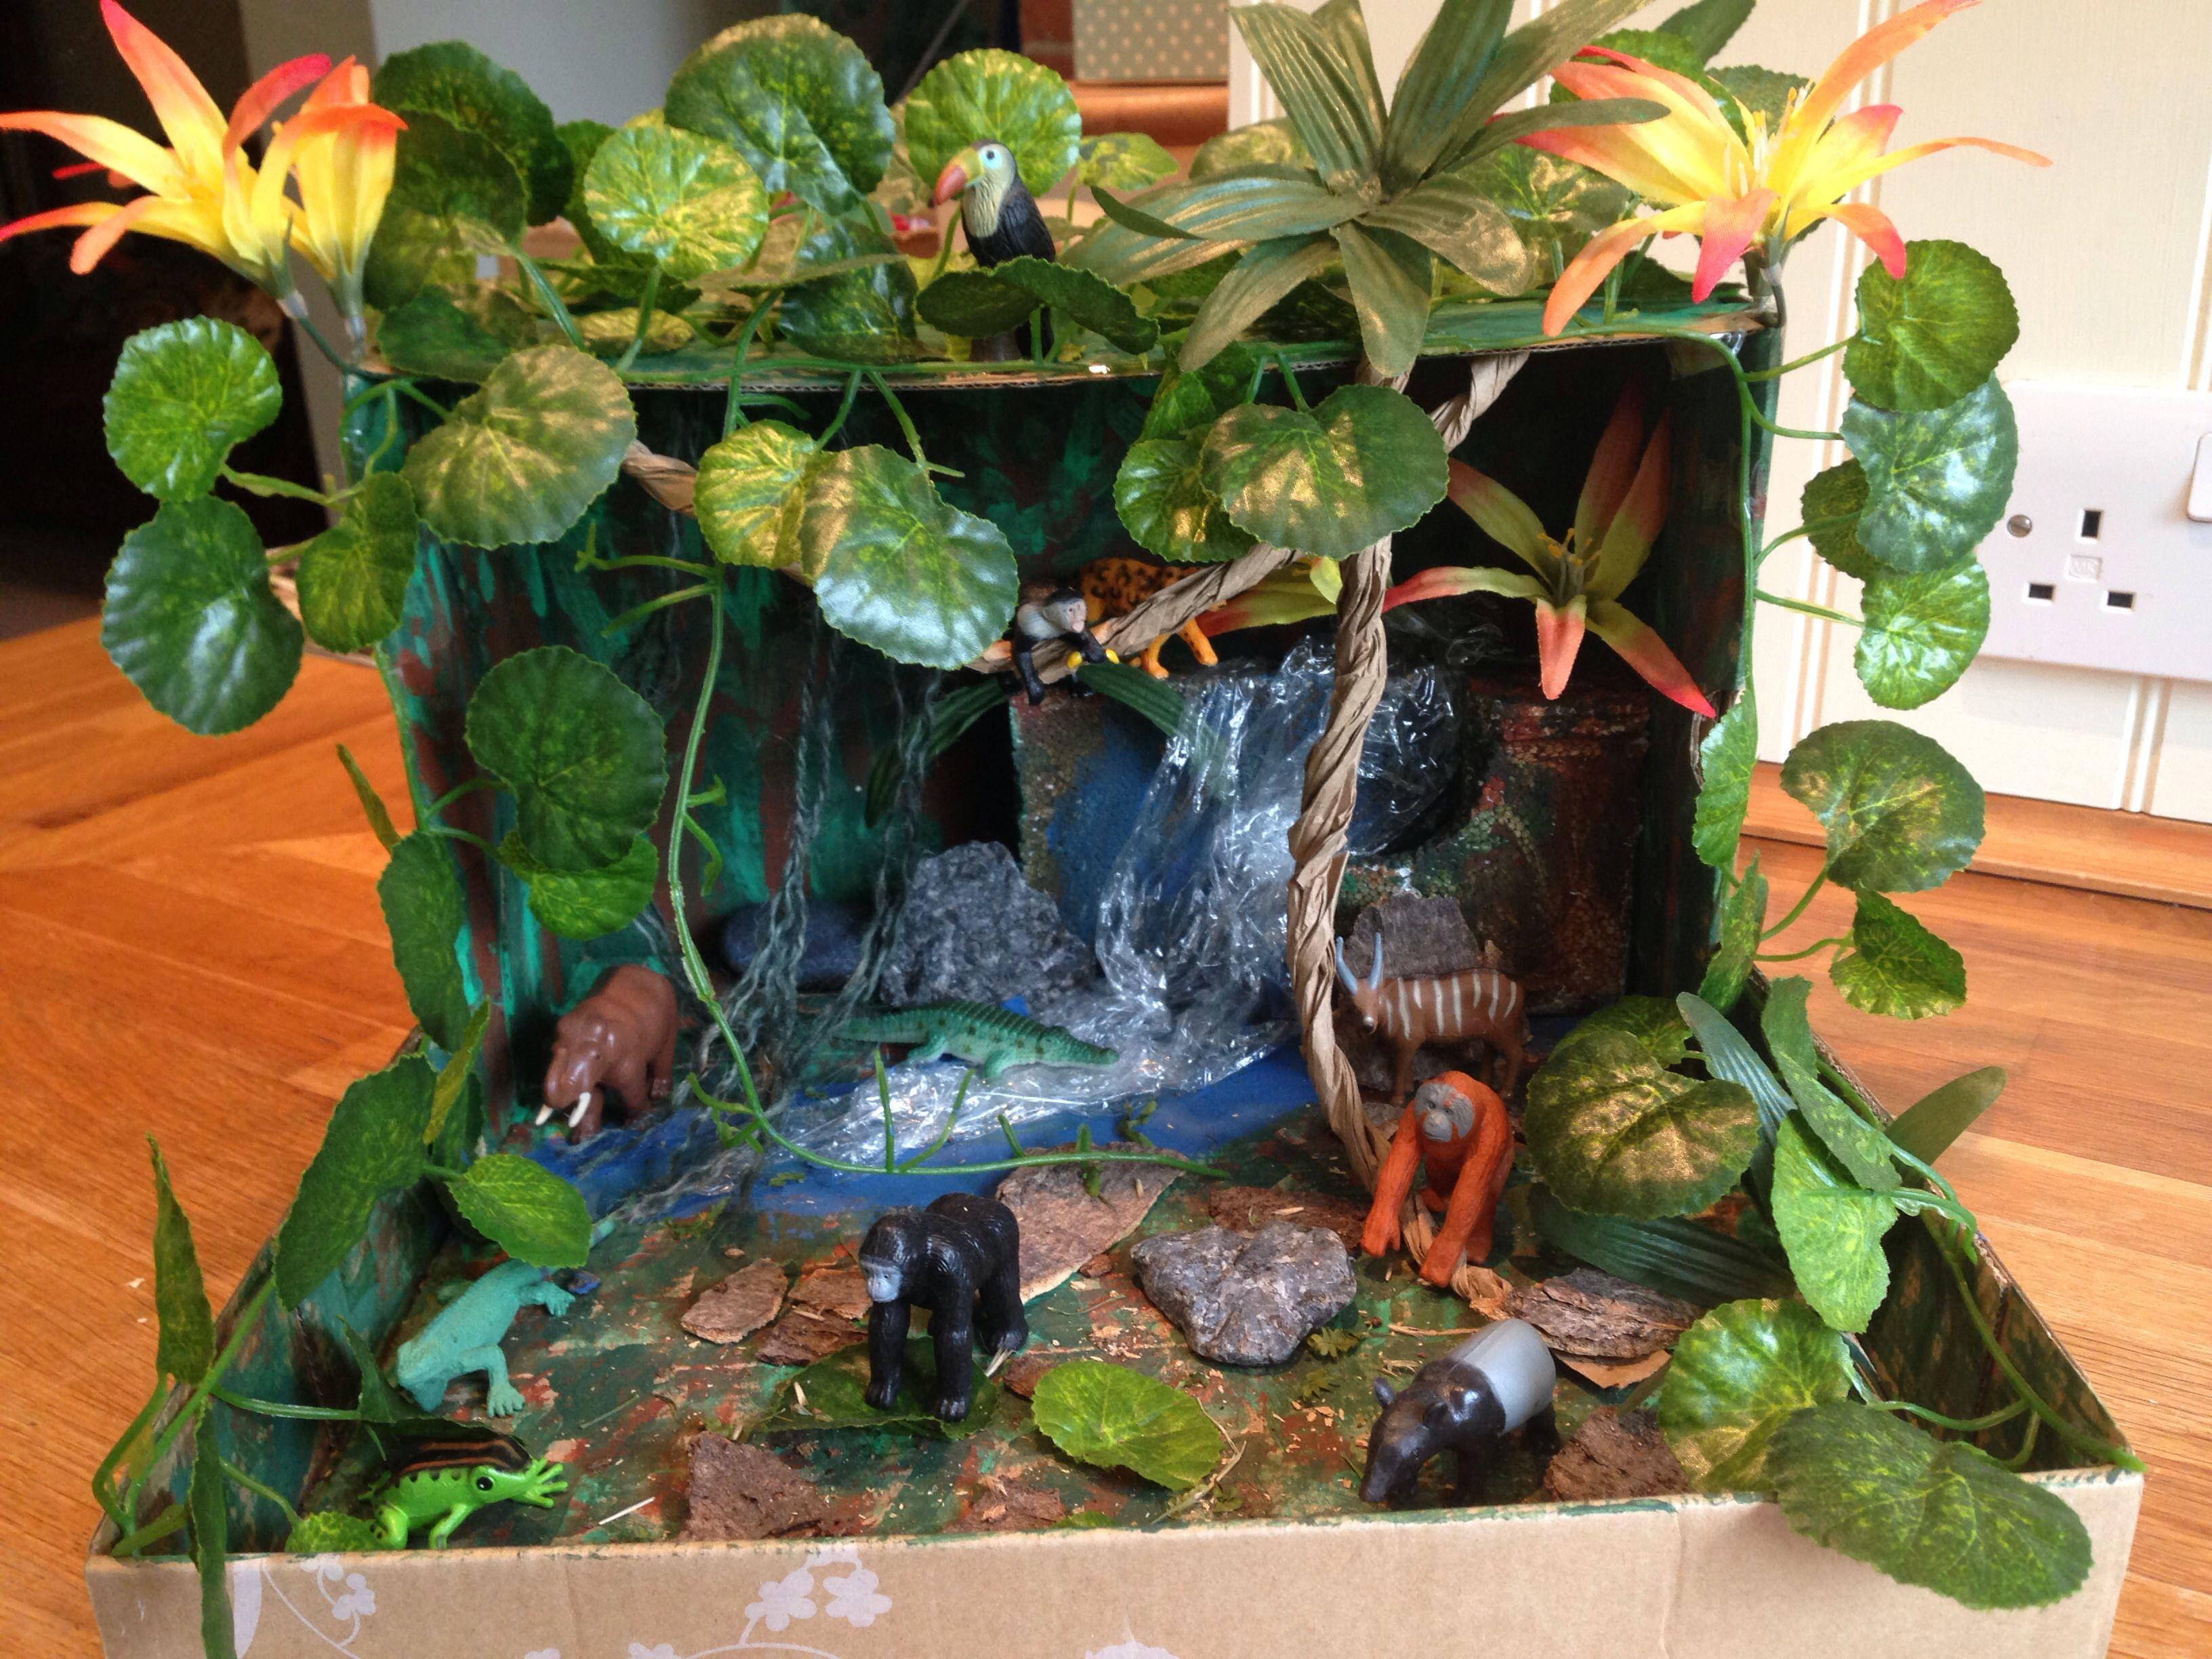 Rainforest habitat diorama images for Habitat container